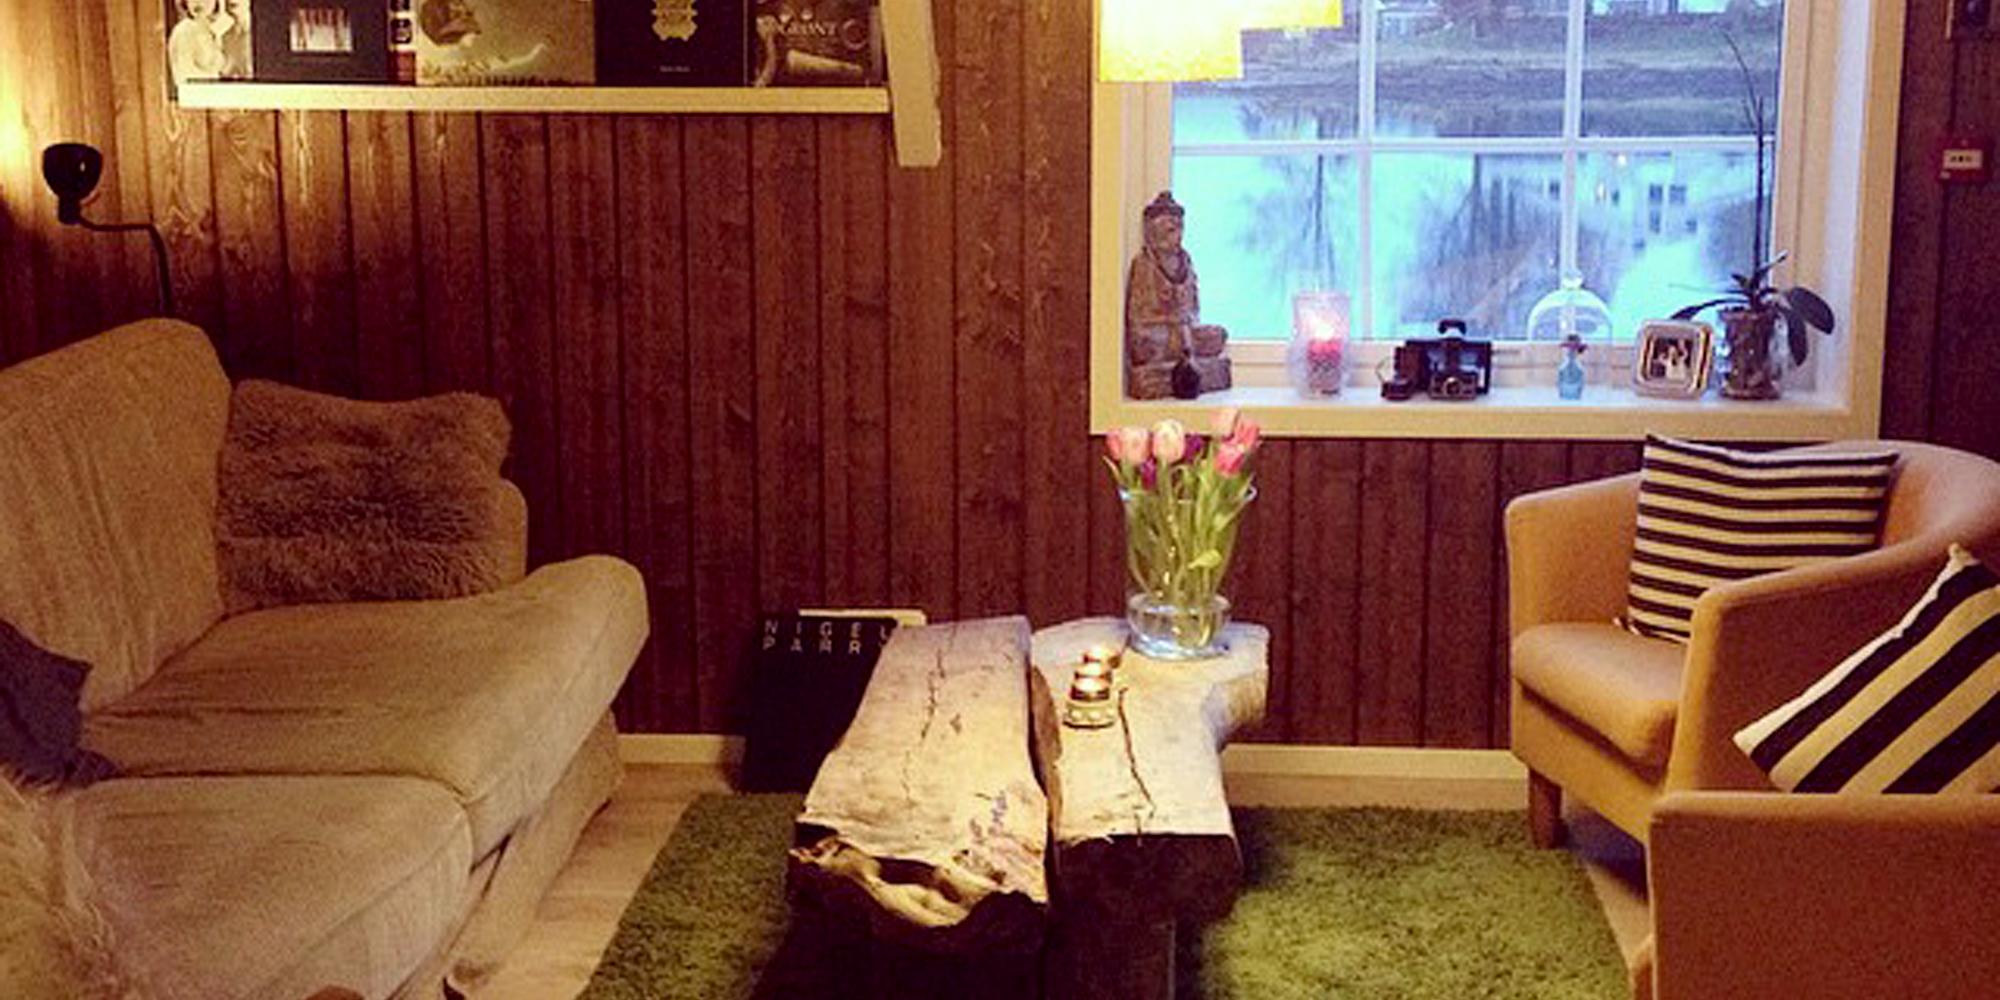 Part of the living room at Saga. Copyright: Saga